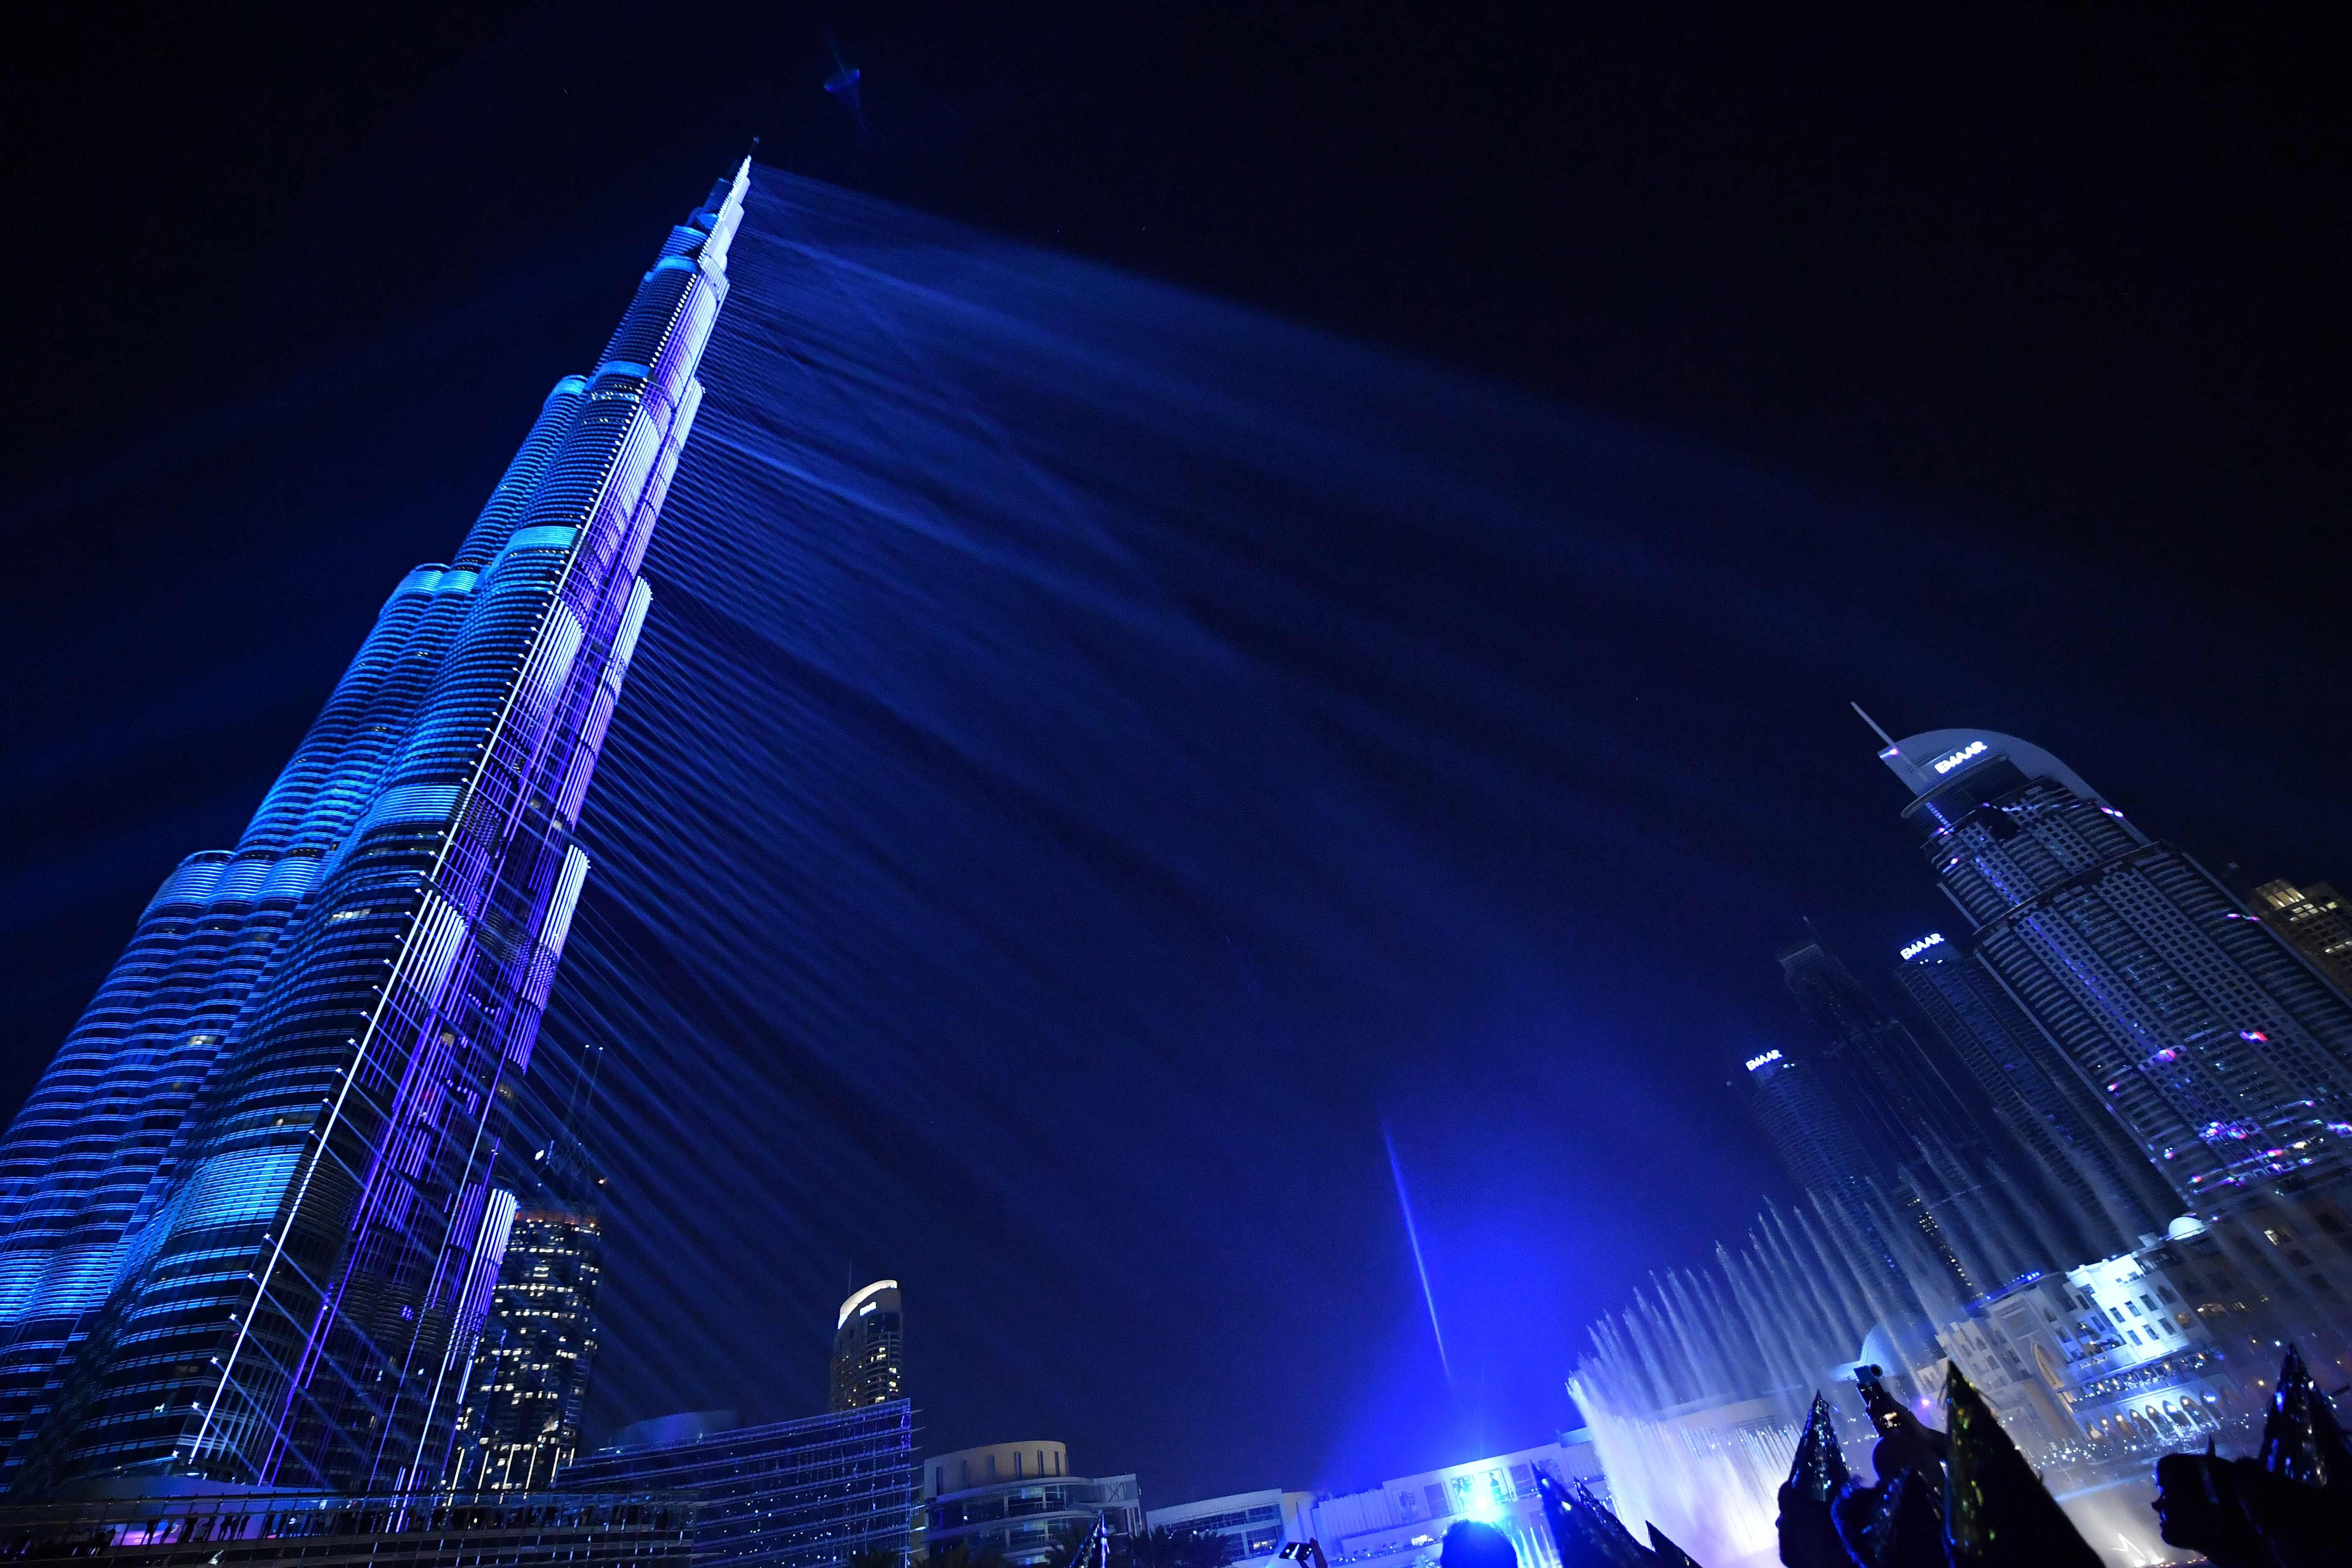 انظار العالم تتجه إلى برج خليفة